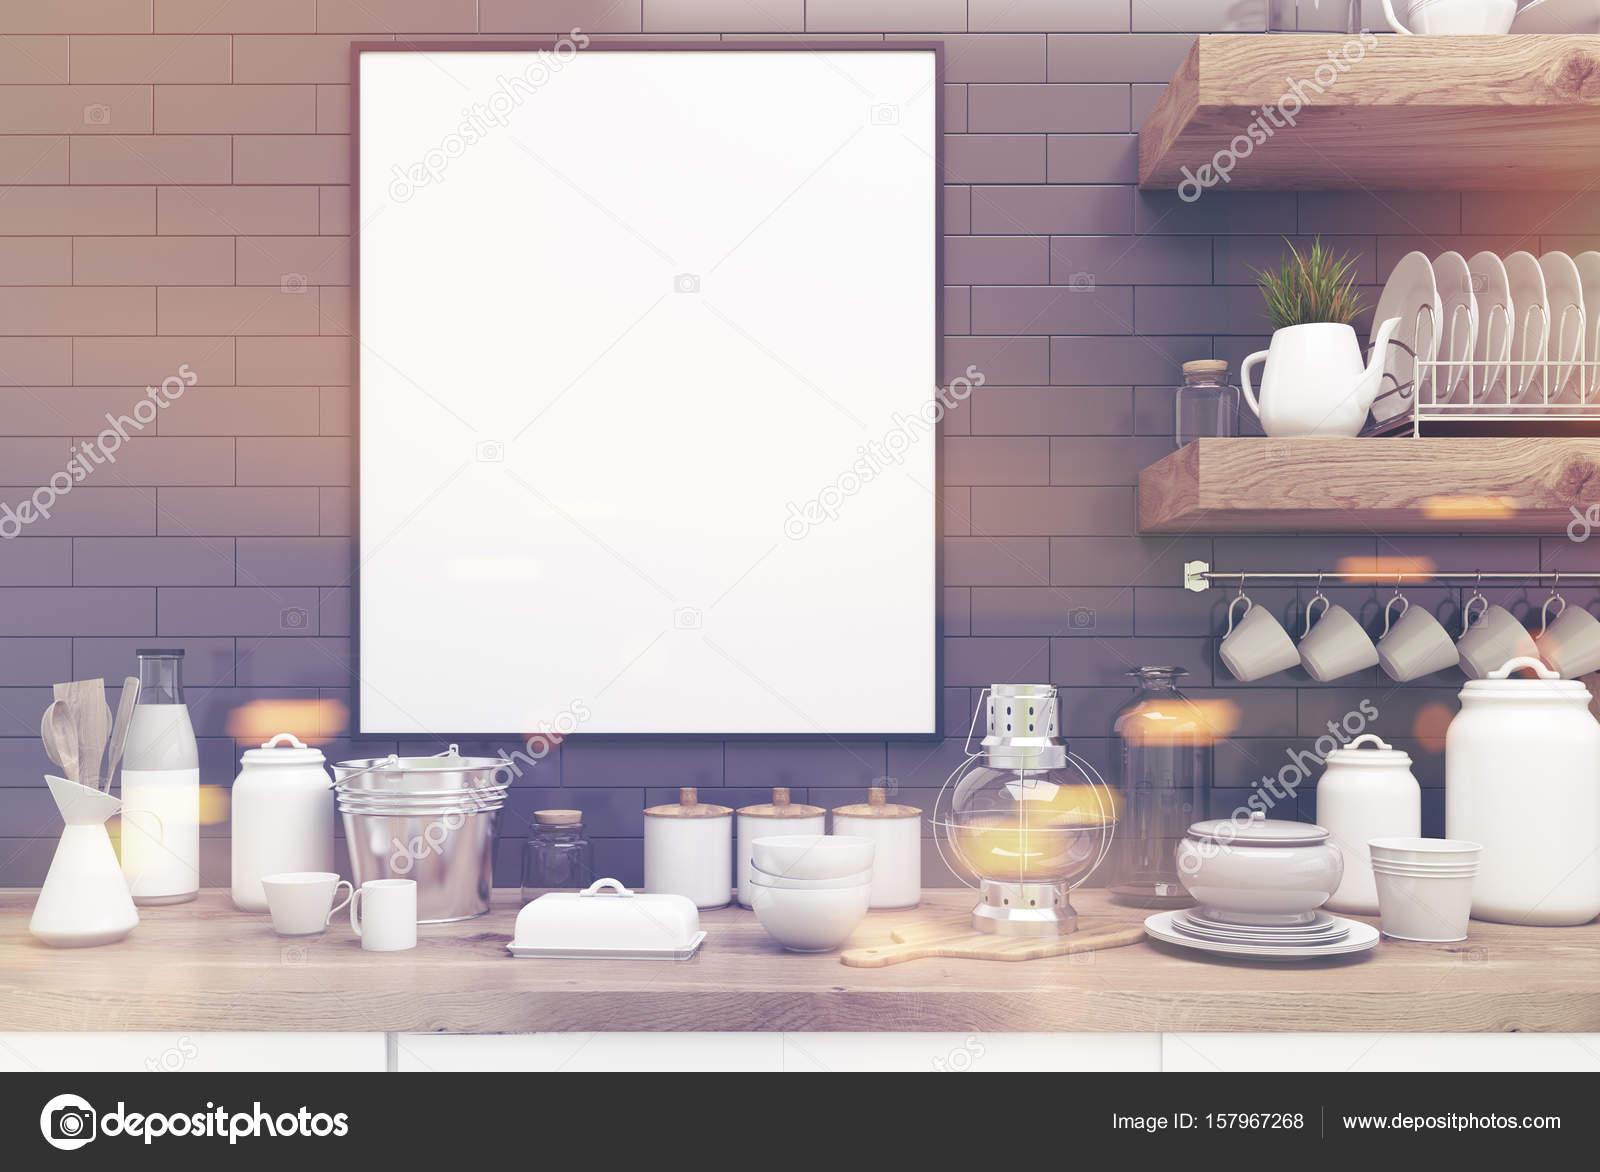 Mensole cucina grigia con poster, nelle vicinanze fino tonica — Foto ...